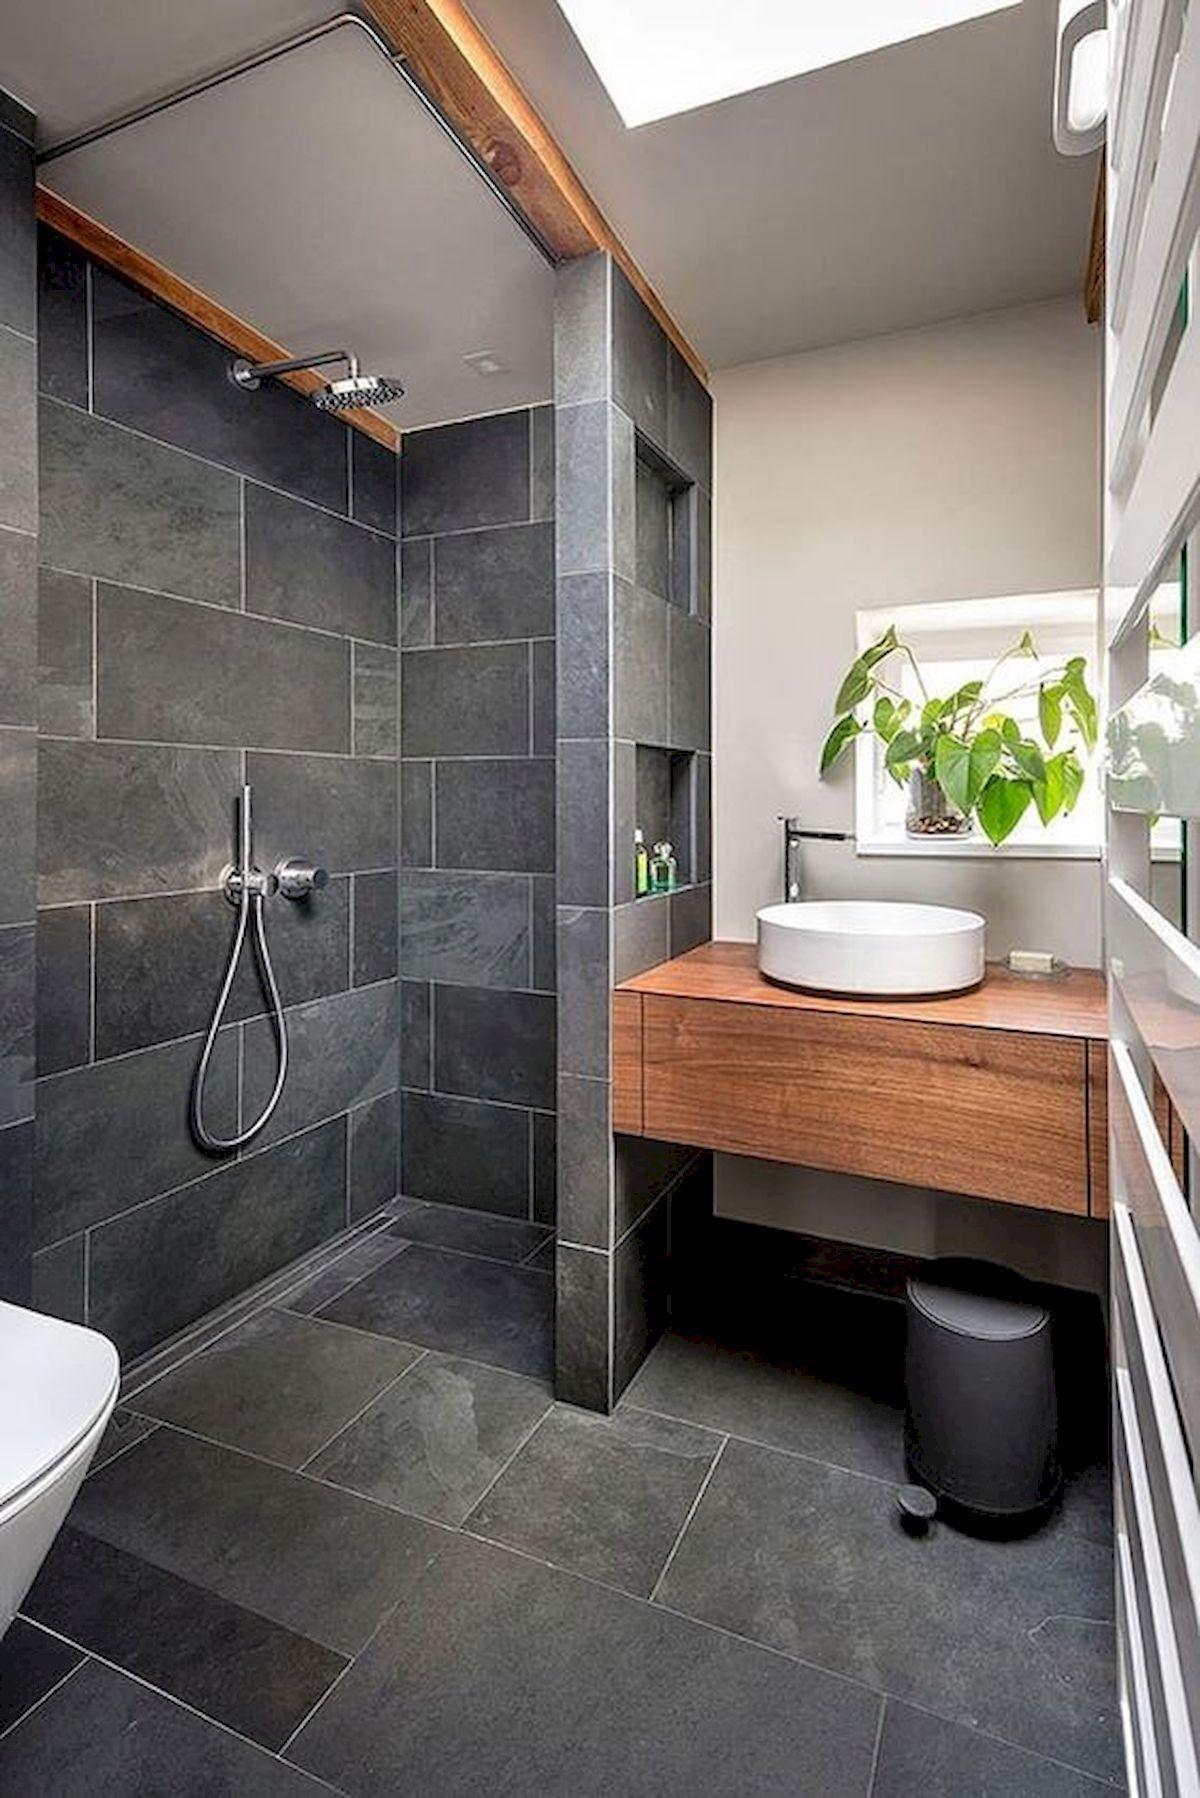 50 Fantastic Walk In Shower No Door For Bathroom Ideas 19 Ideaboz Trendy Bathroom Designs Small Bathroom Remodel Trendy Bathroom Tiles